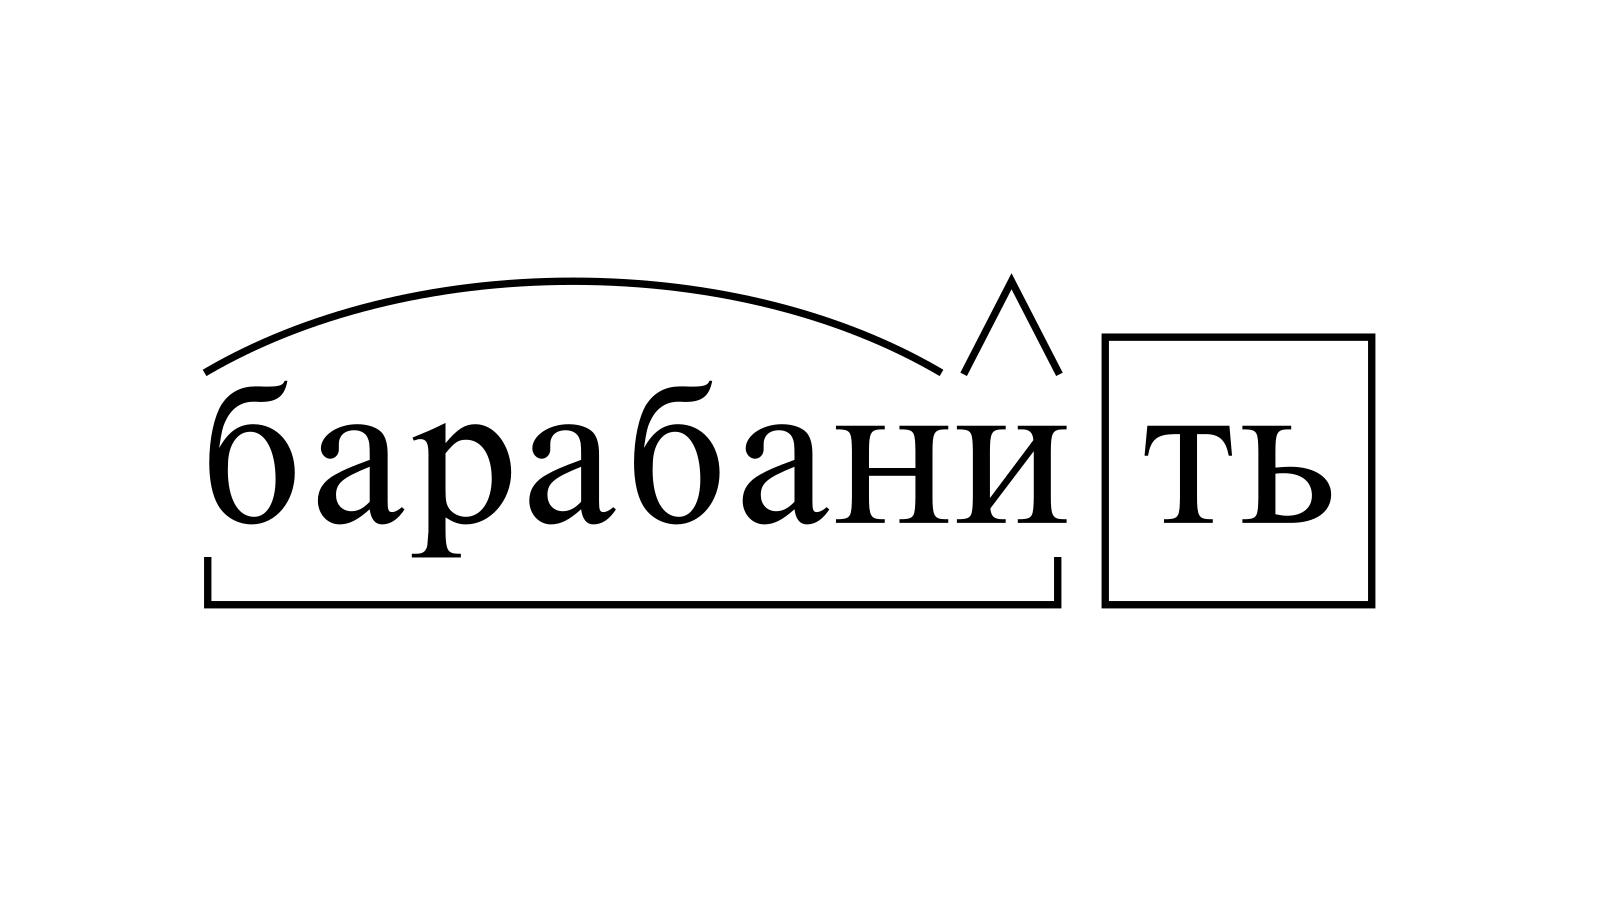 Разбор слова «барабанить» по составу